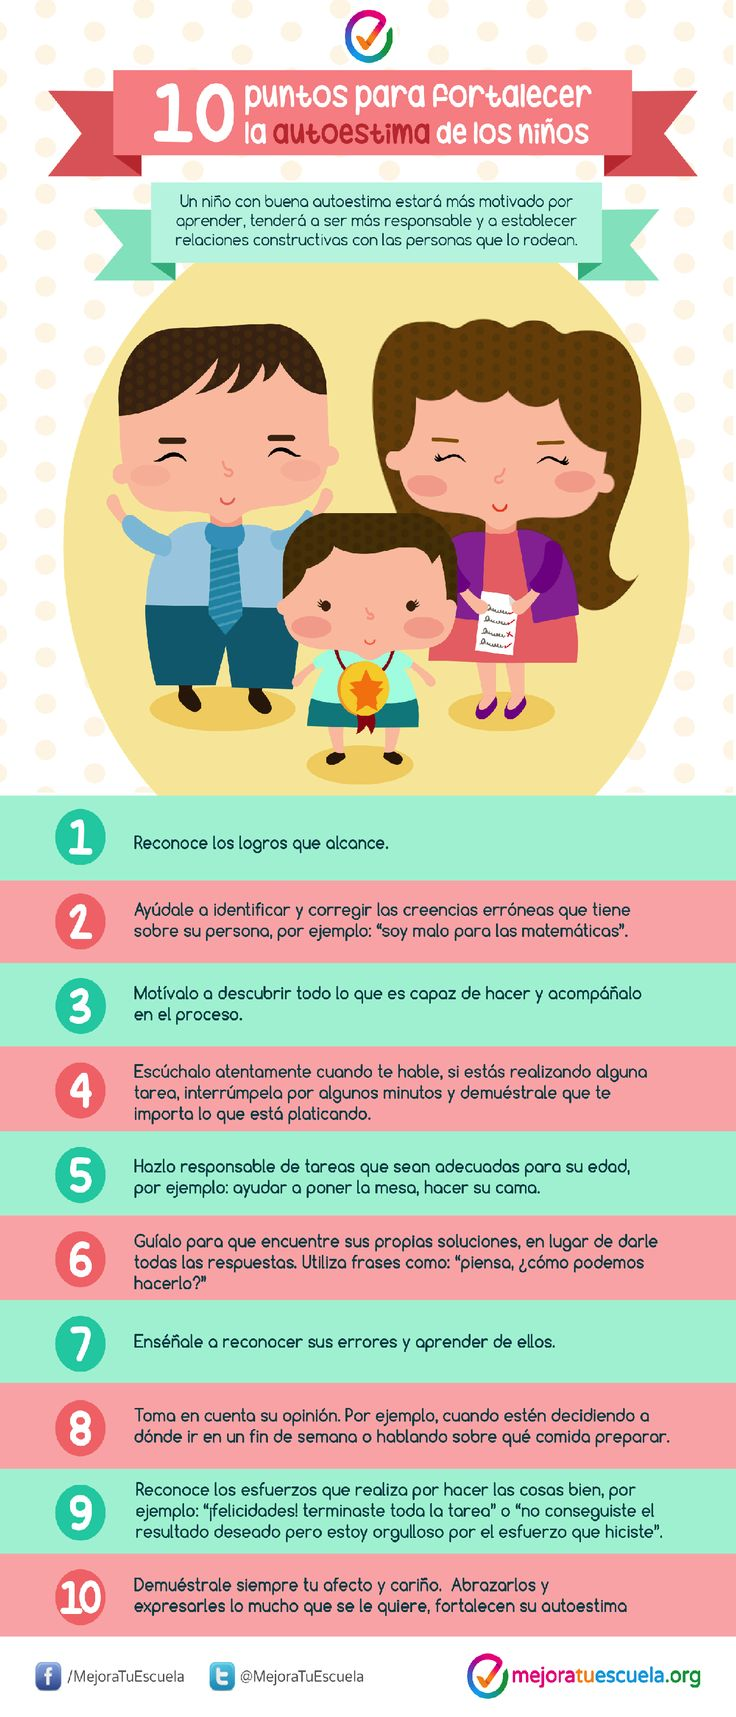 Fortaleciendo la autoestima de los niños para que aumenten la motivación